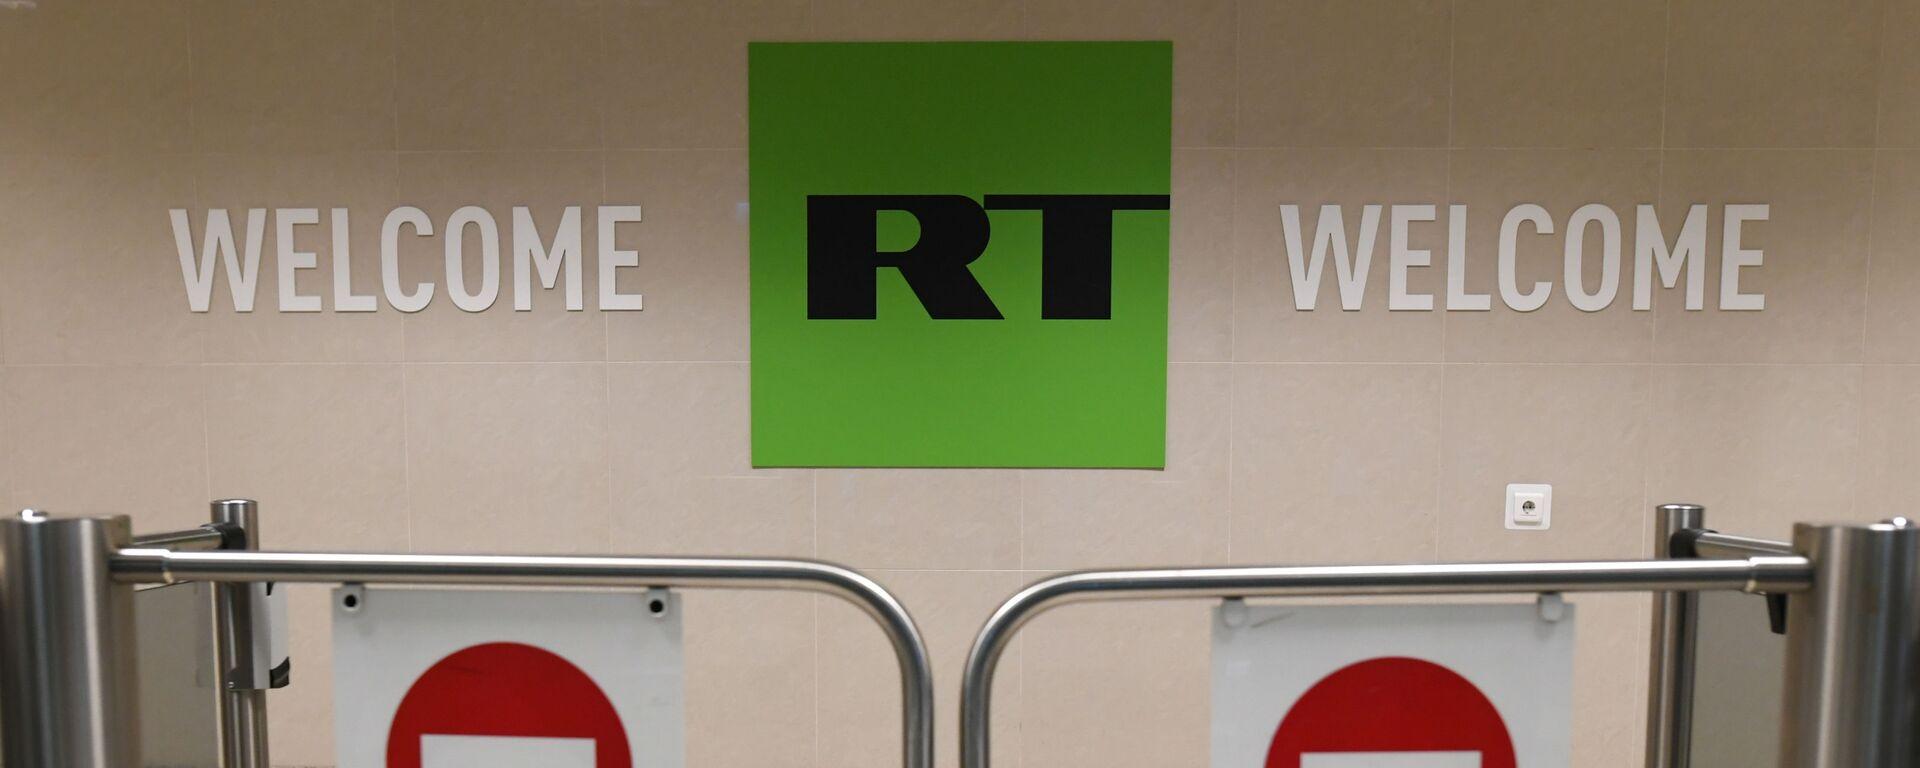 Biuro stacji Russia Today w Moskwie - Sputnik Polska, 1920, 12.07.2021